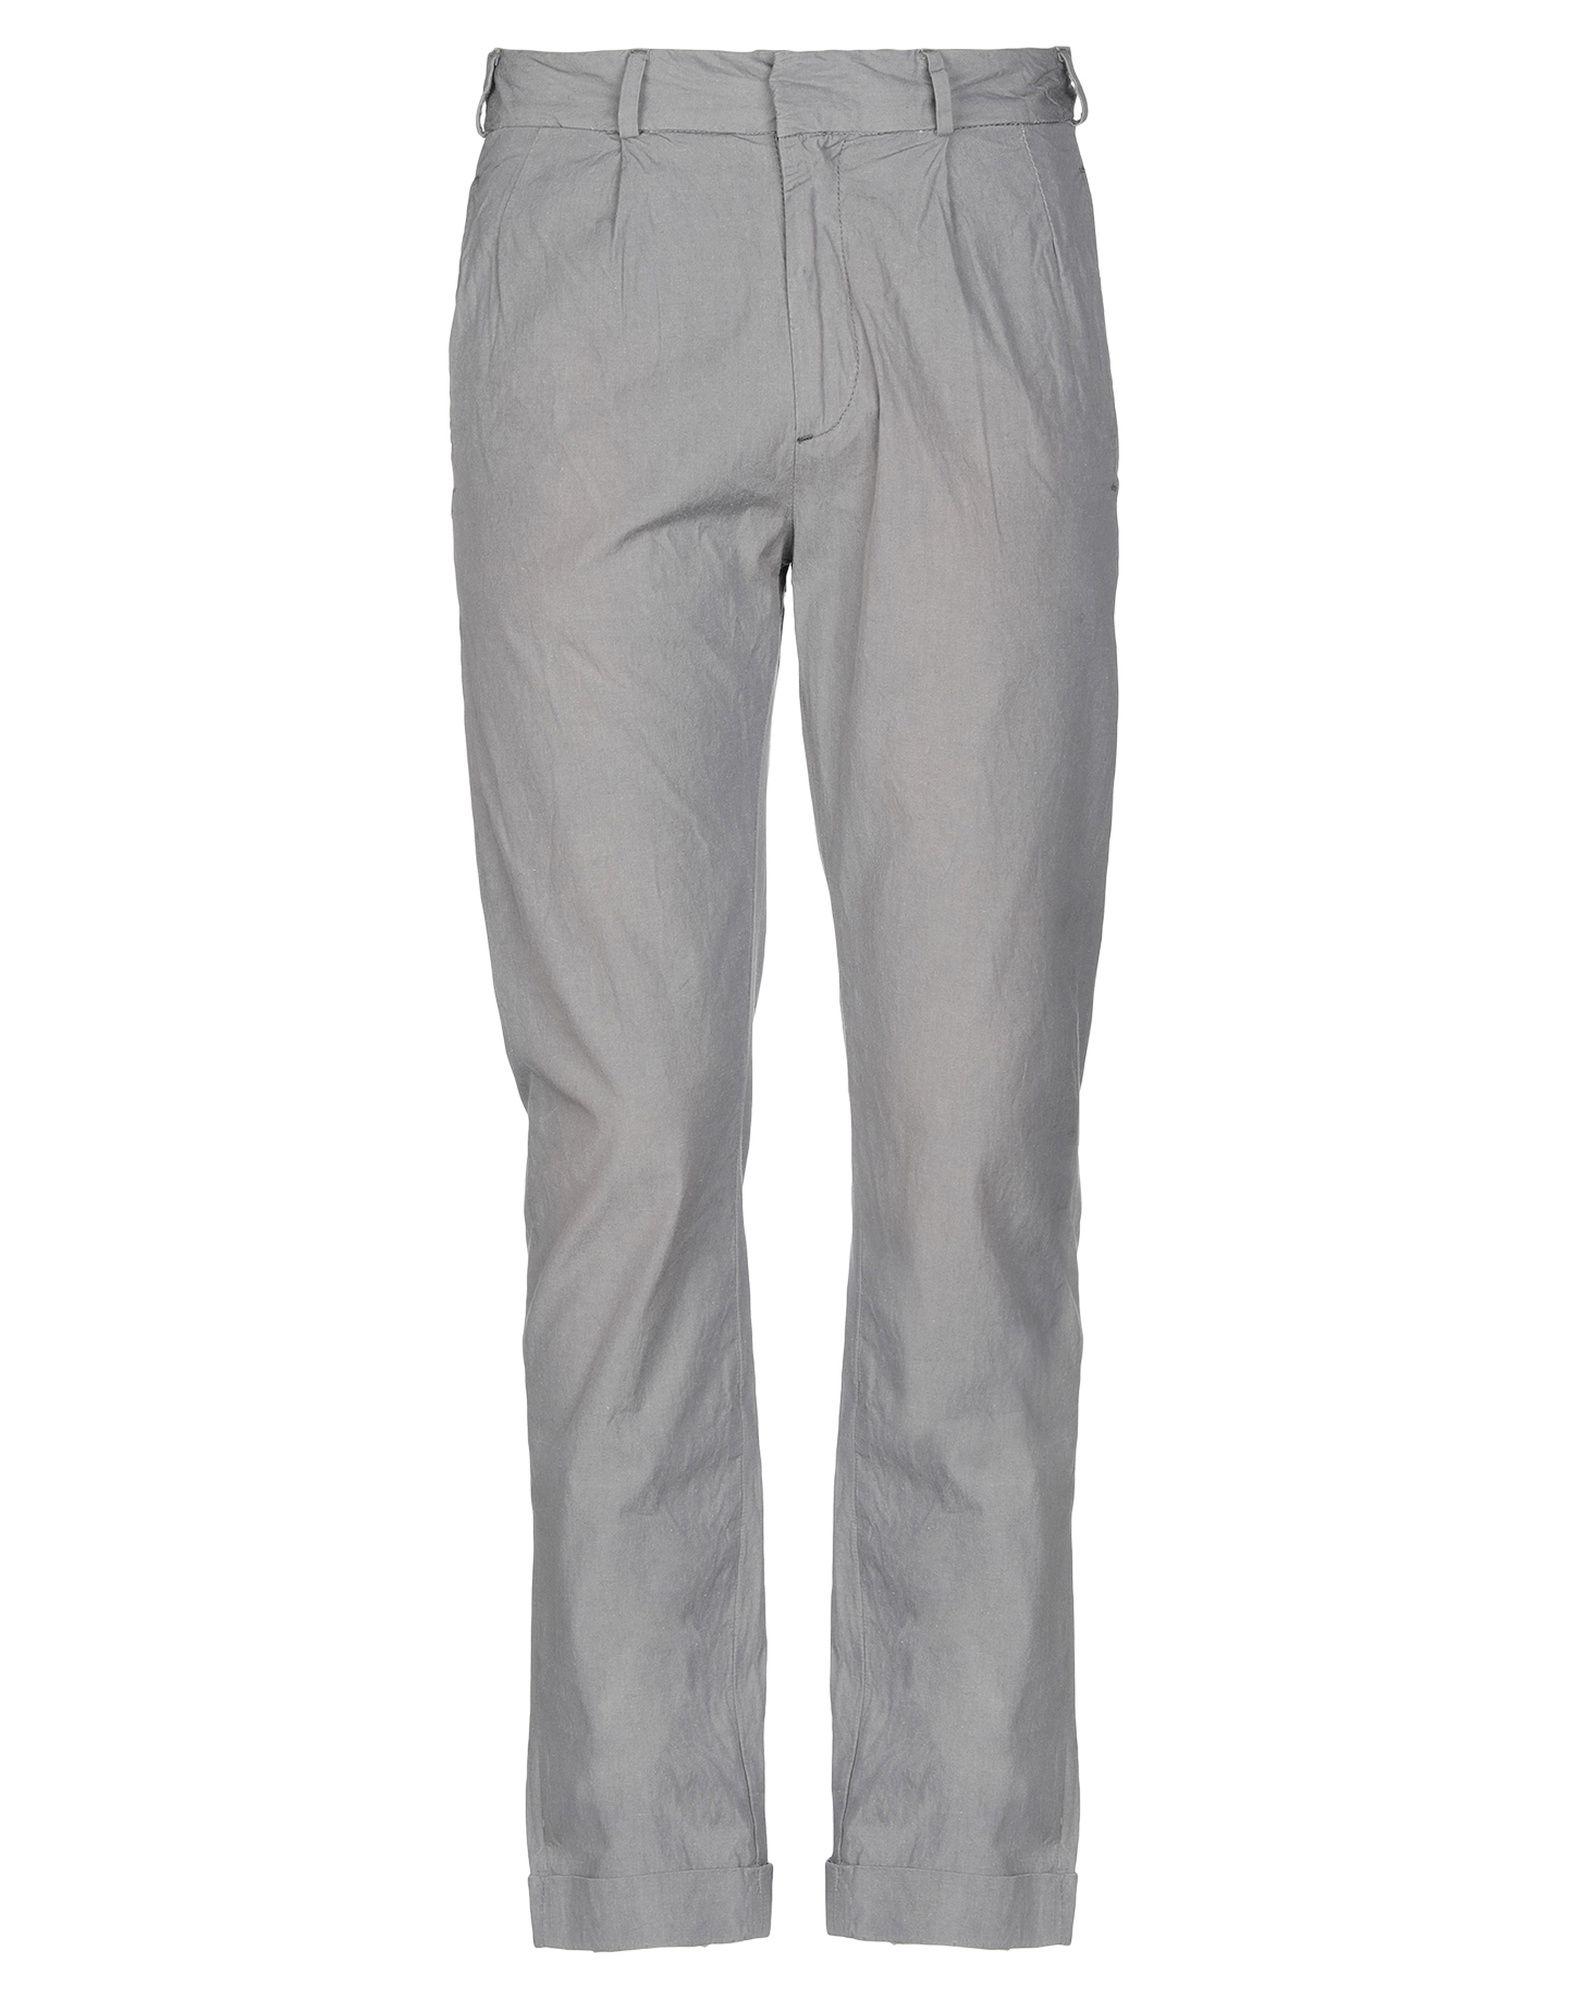 SAN FRANCISCO '976 Повседневные брюки san francisco 976 повседневные брюки